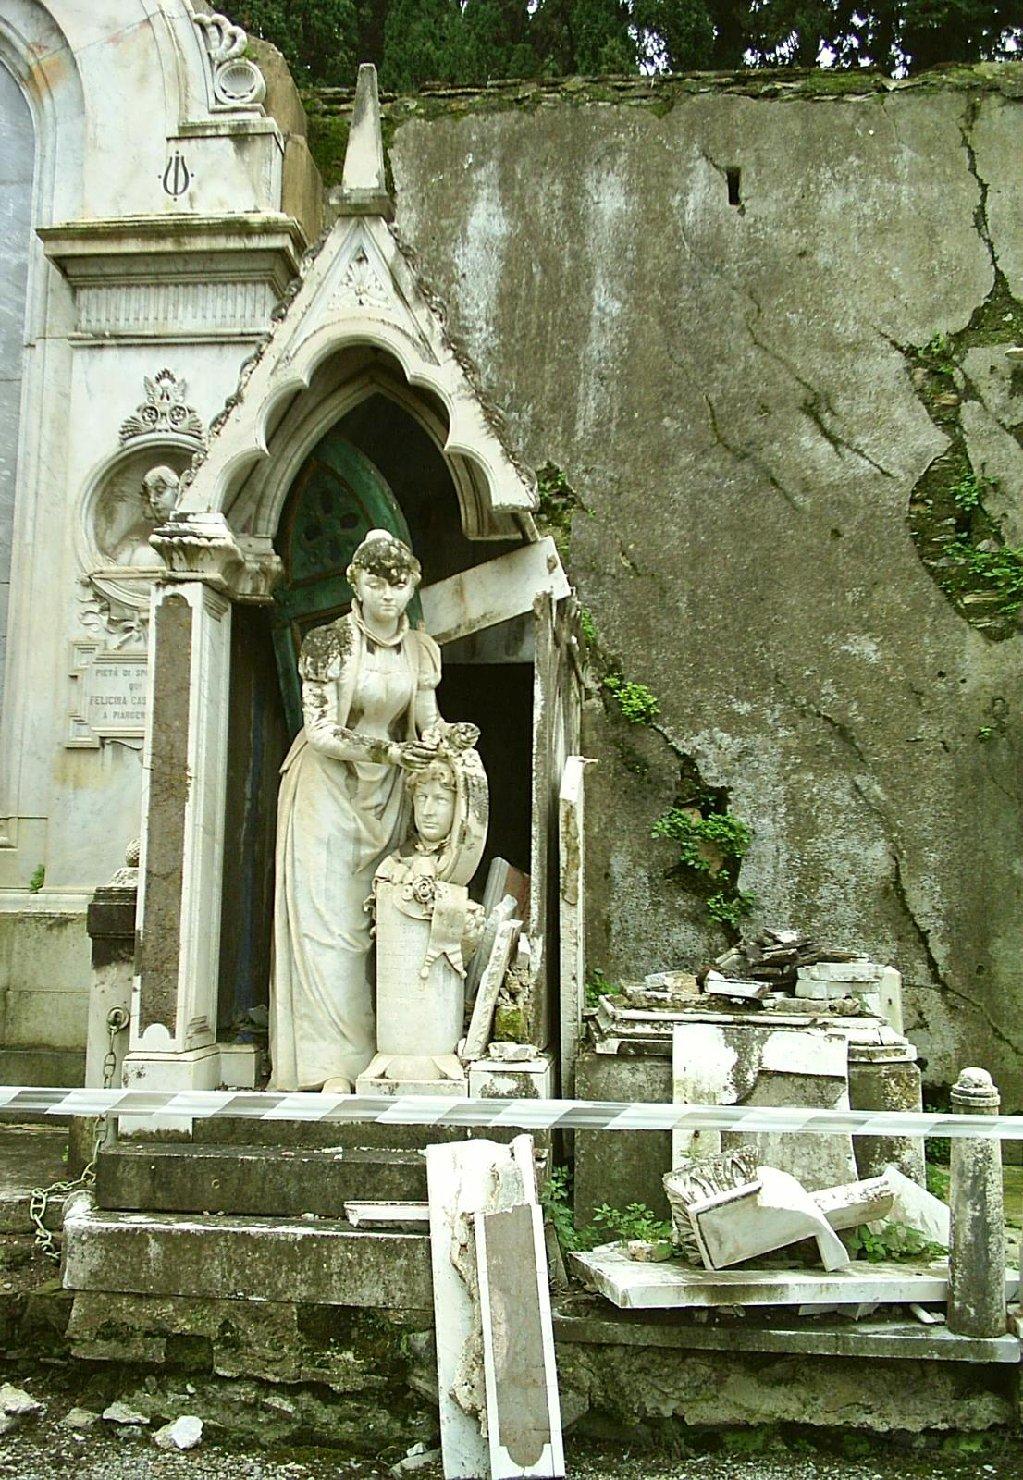 monumento funebre - a cappella, opera isolata - ambito ligure (fine sec. XIX)